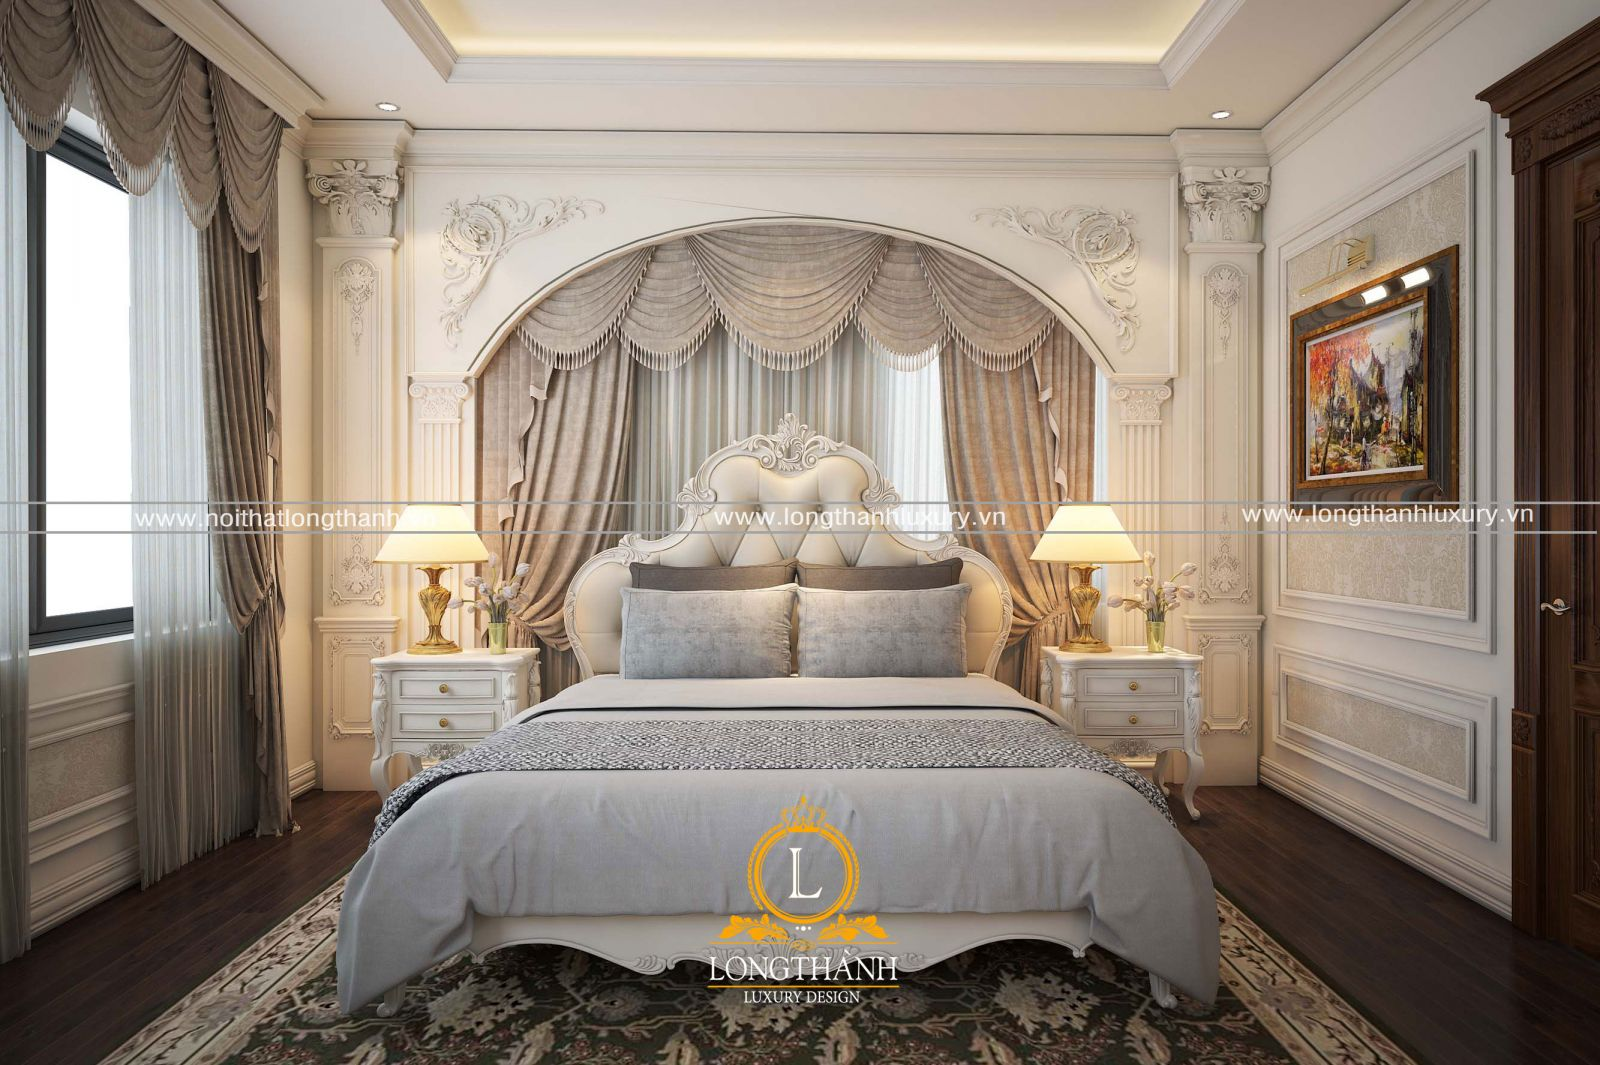 Mẫu phòng ngủ với thiết kế các món đồ nội thất sơn trắng